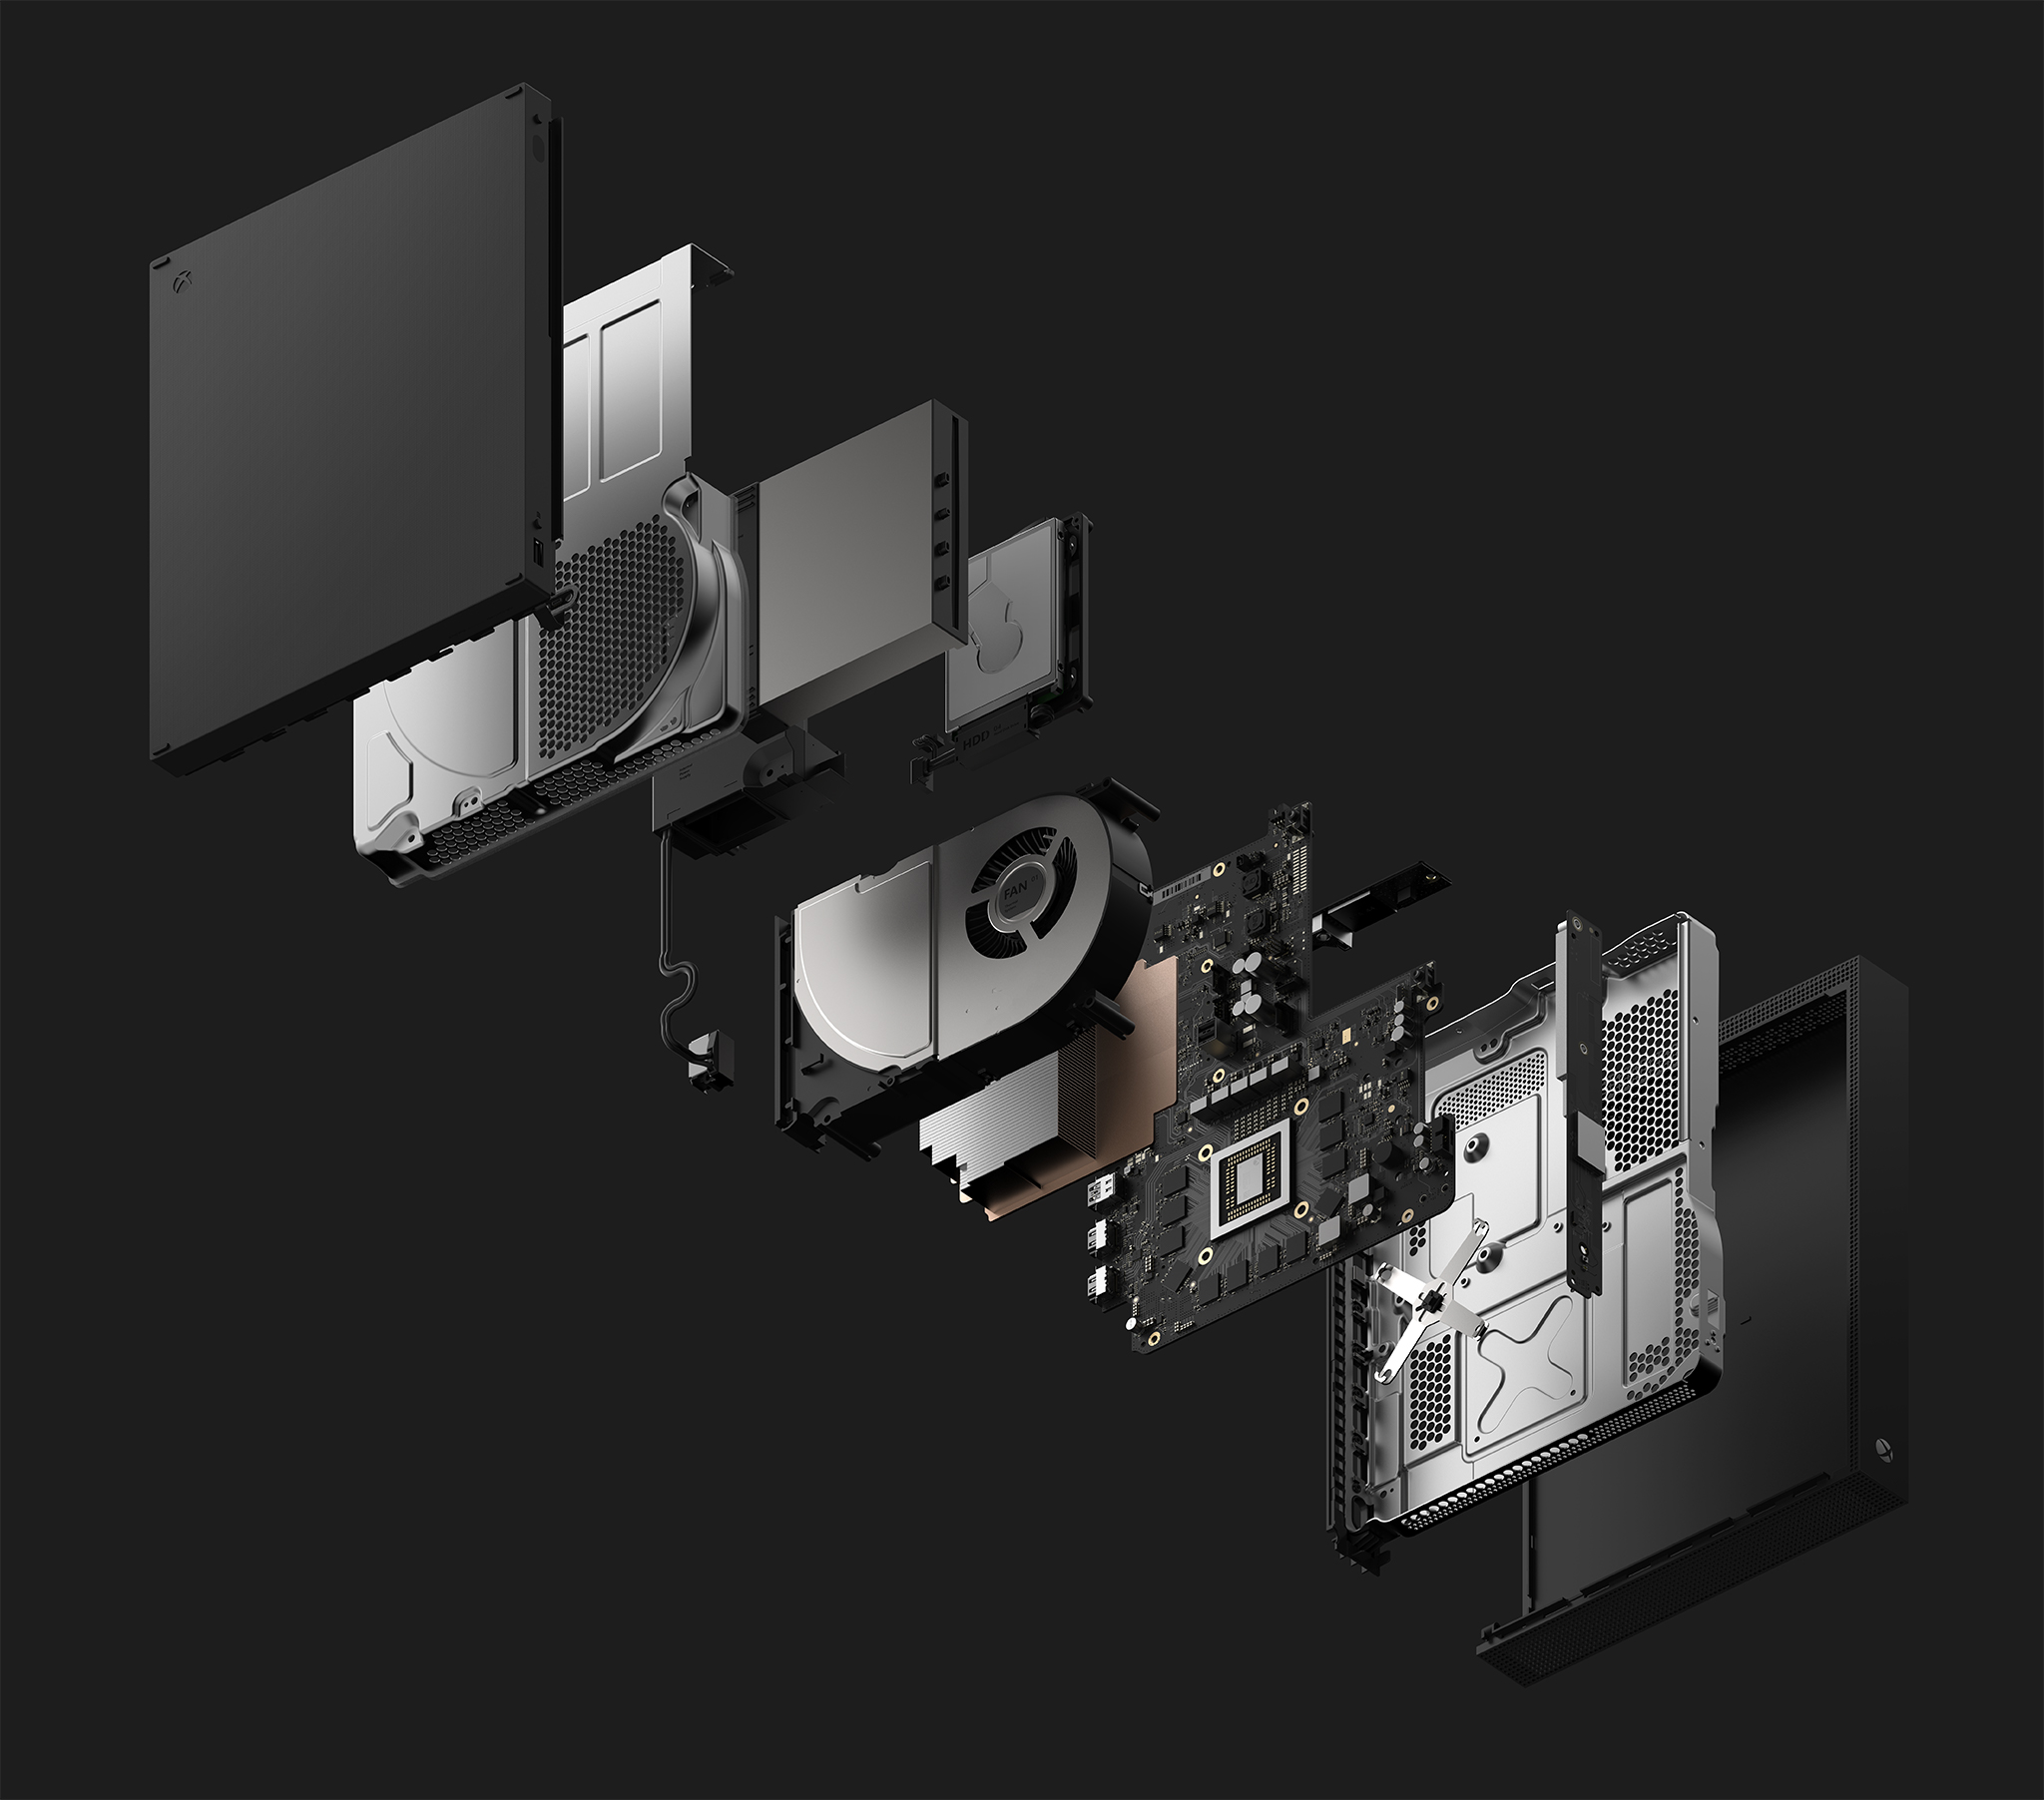 xbox one x das innenleben der leistungsst rksten konsole. Black Bedroom Furniture Sets. Home Design Ideas